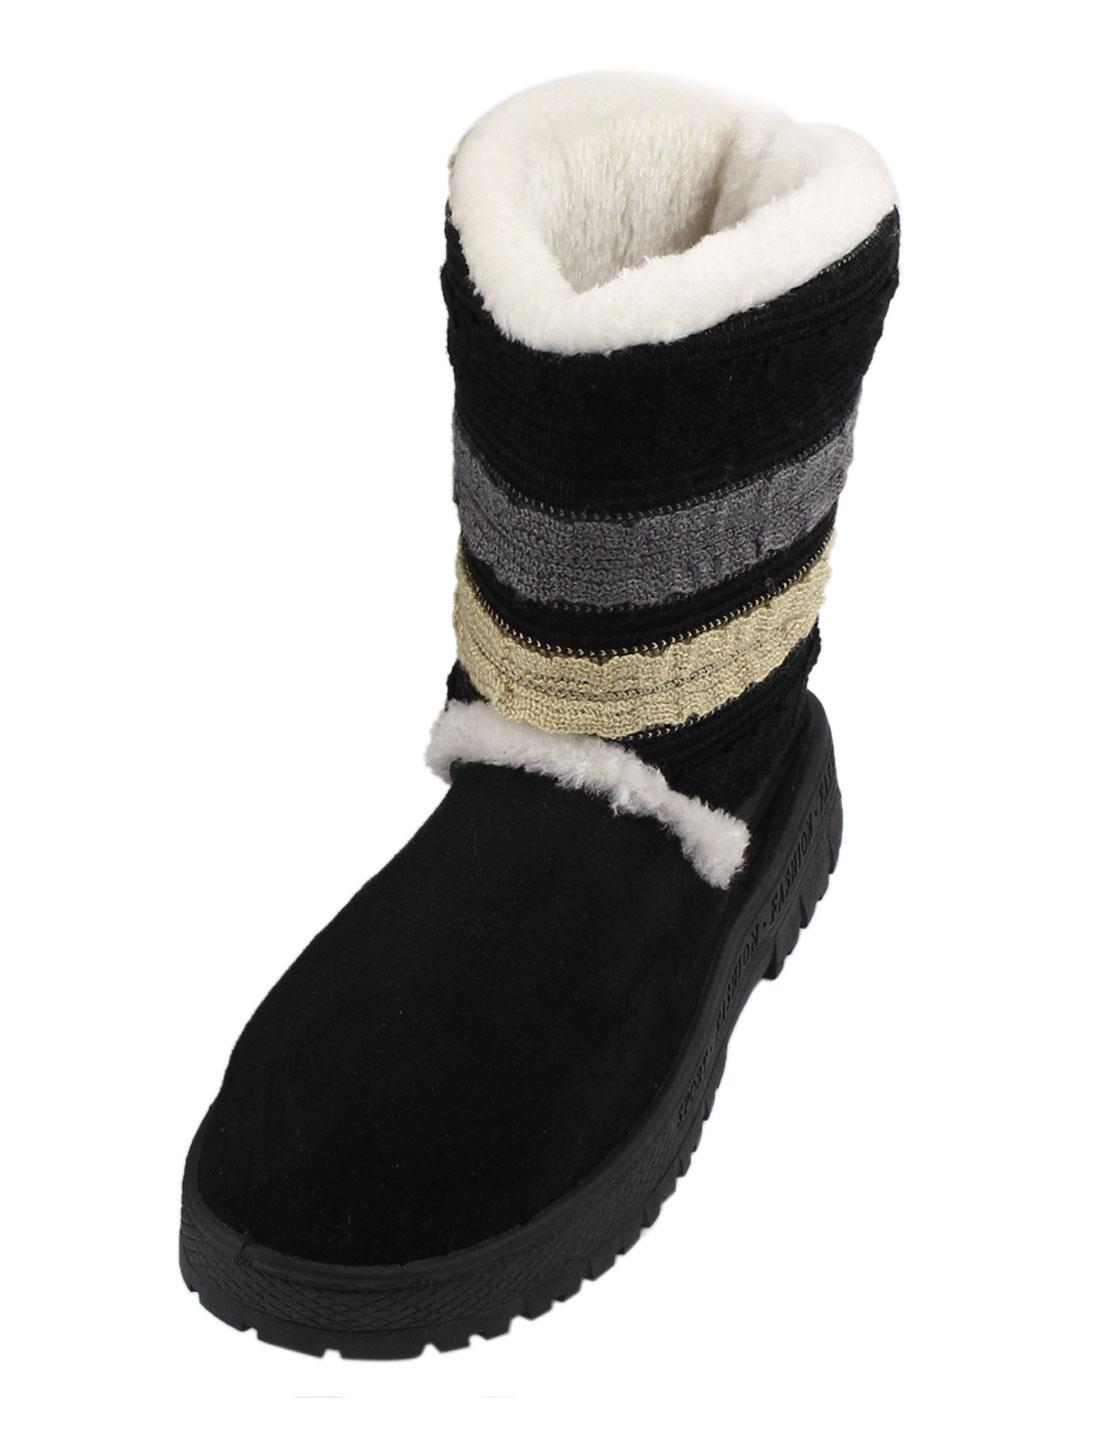 Ladies Faux Suede Warm Shoes Short Slip On Snow Boots Black US 8